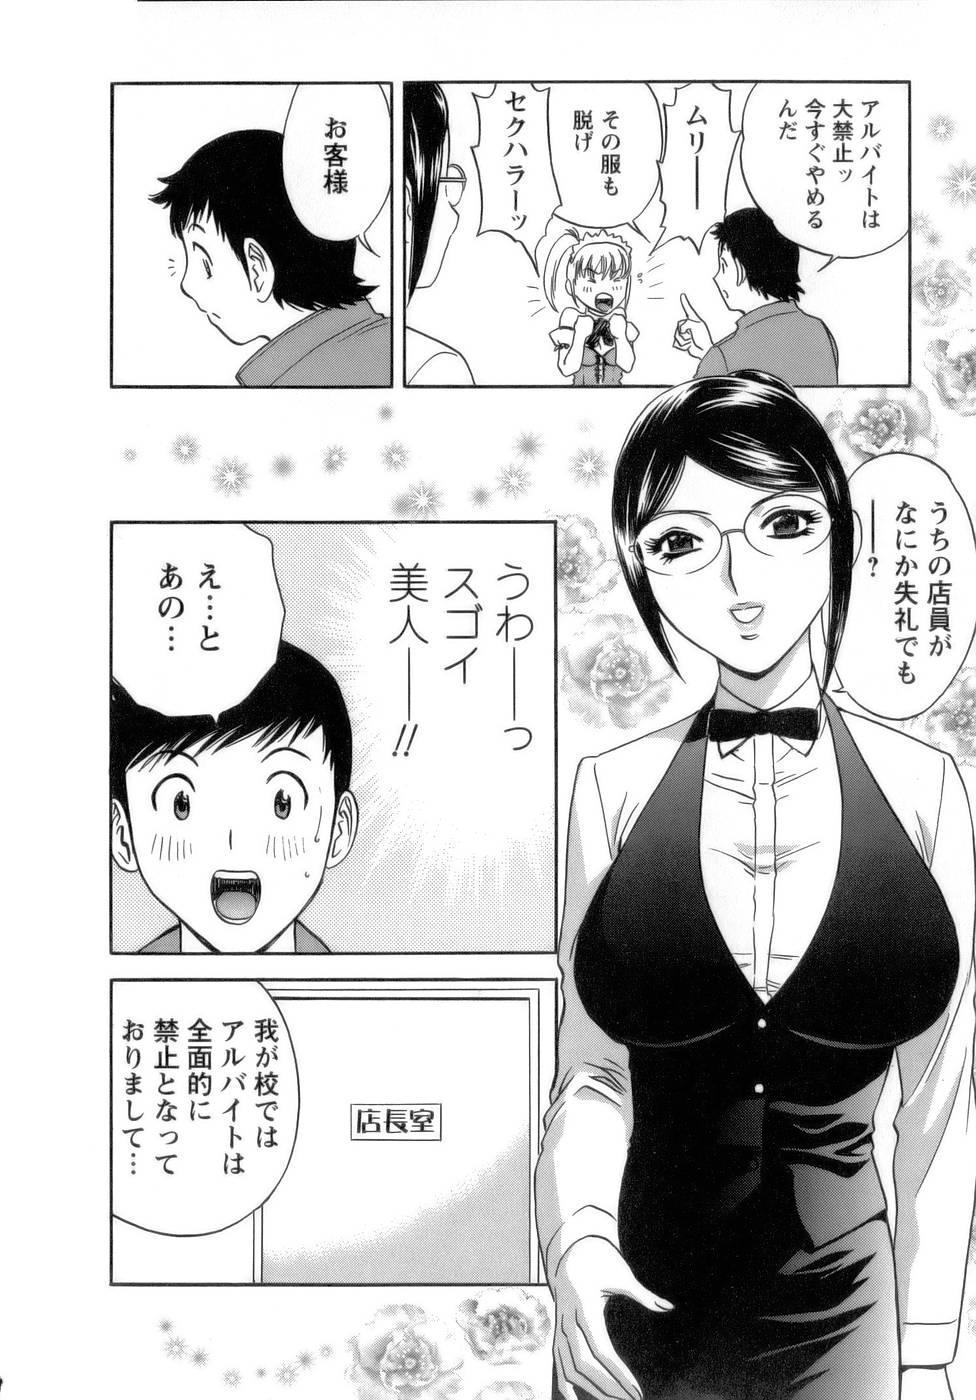 [Hidemaru] Mo-Retsu! Boin Sensei (Boing Boing Teacher) Vol.1 139